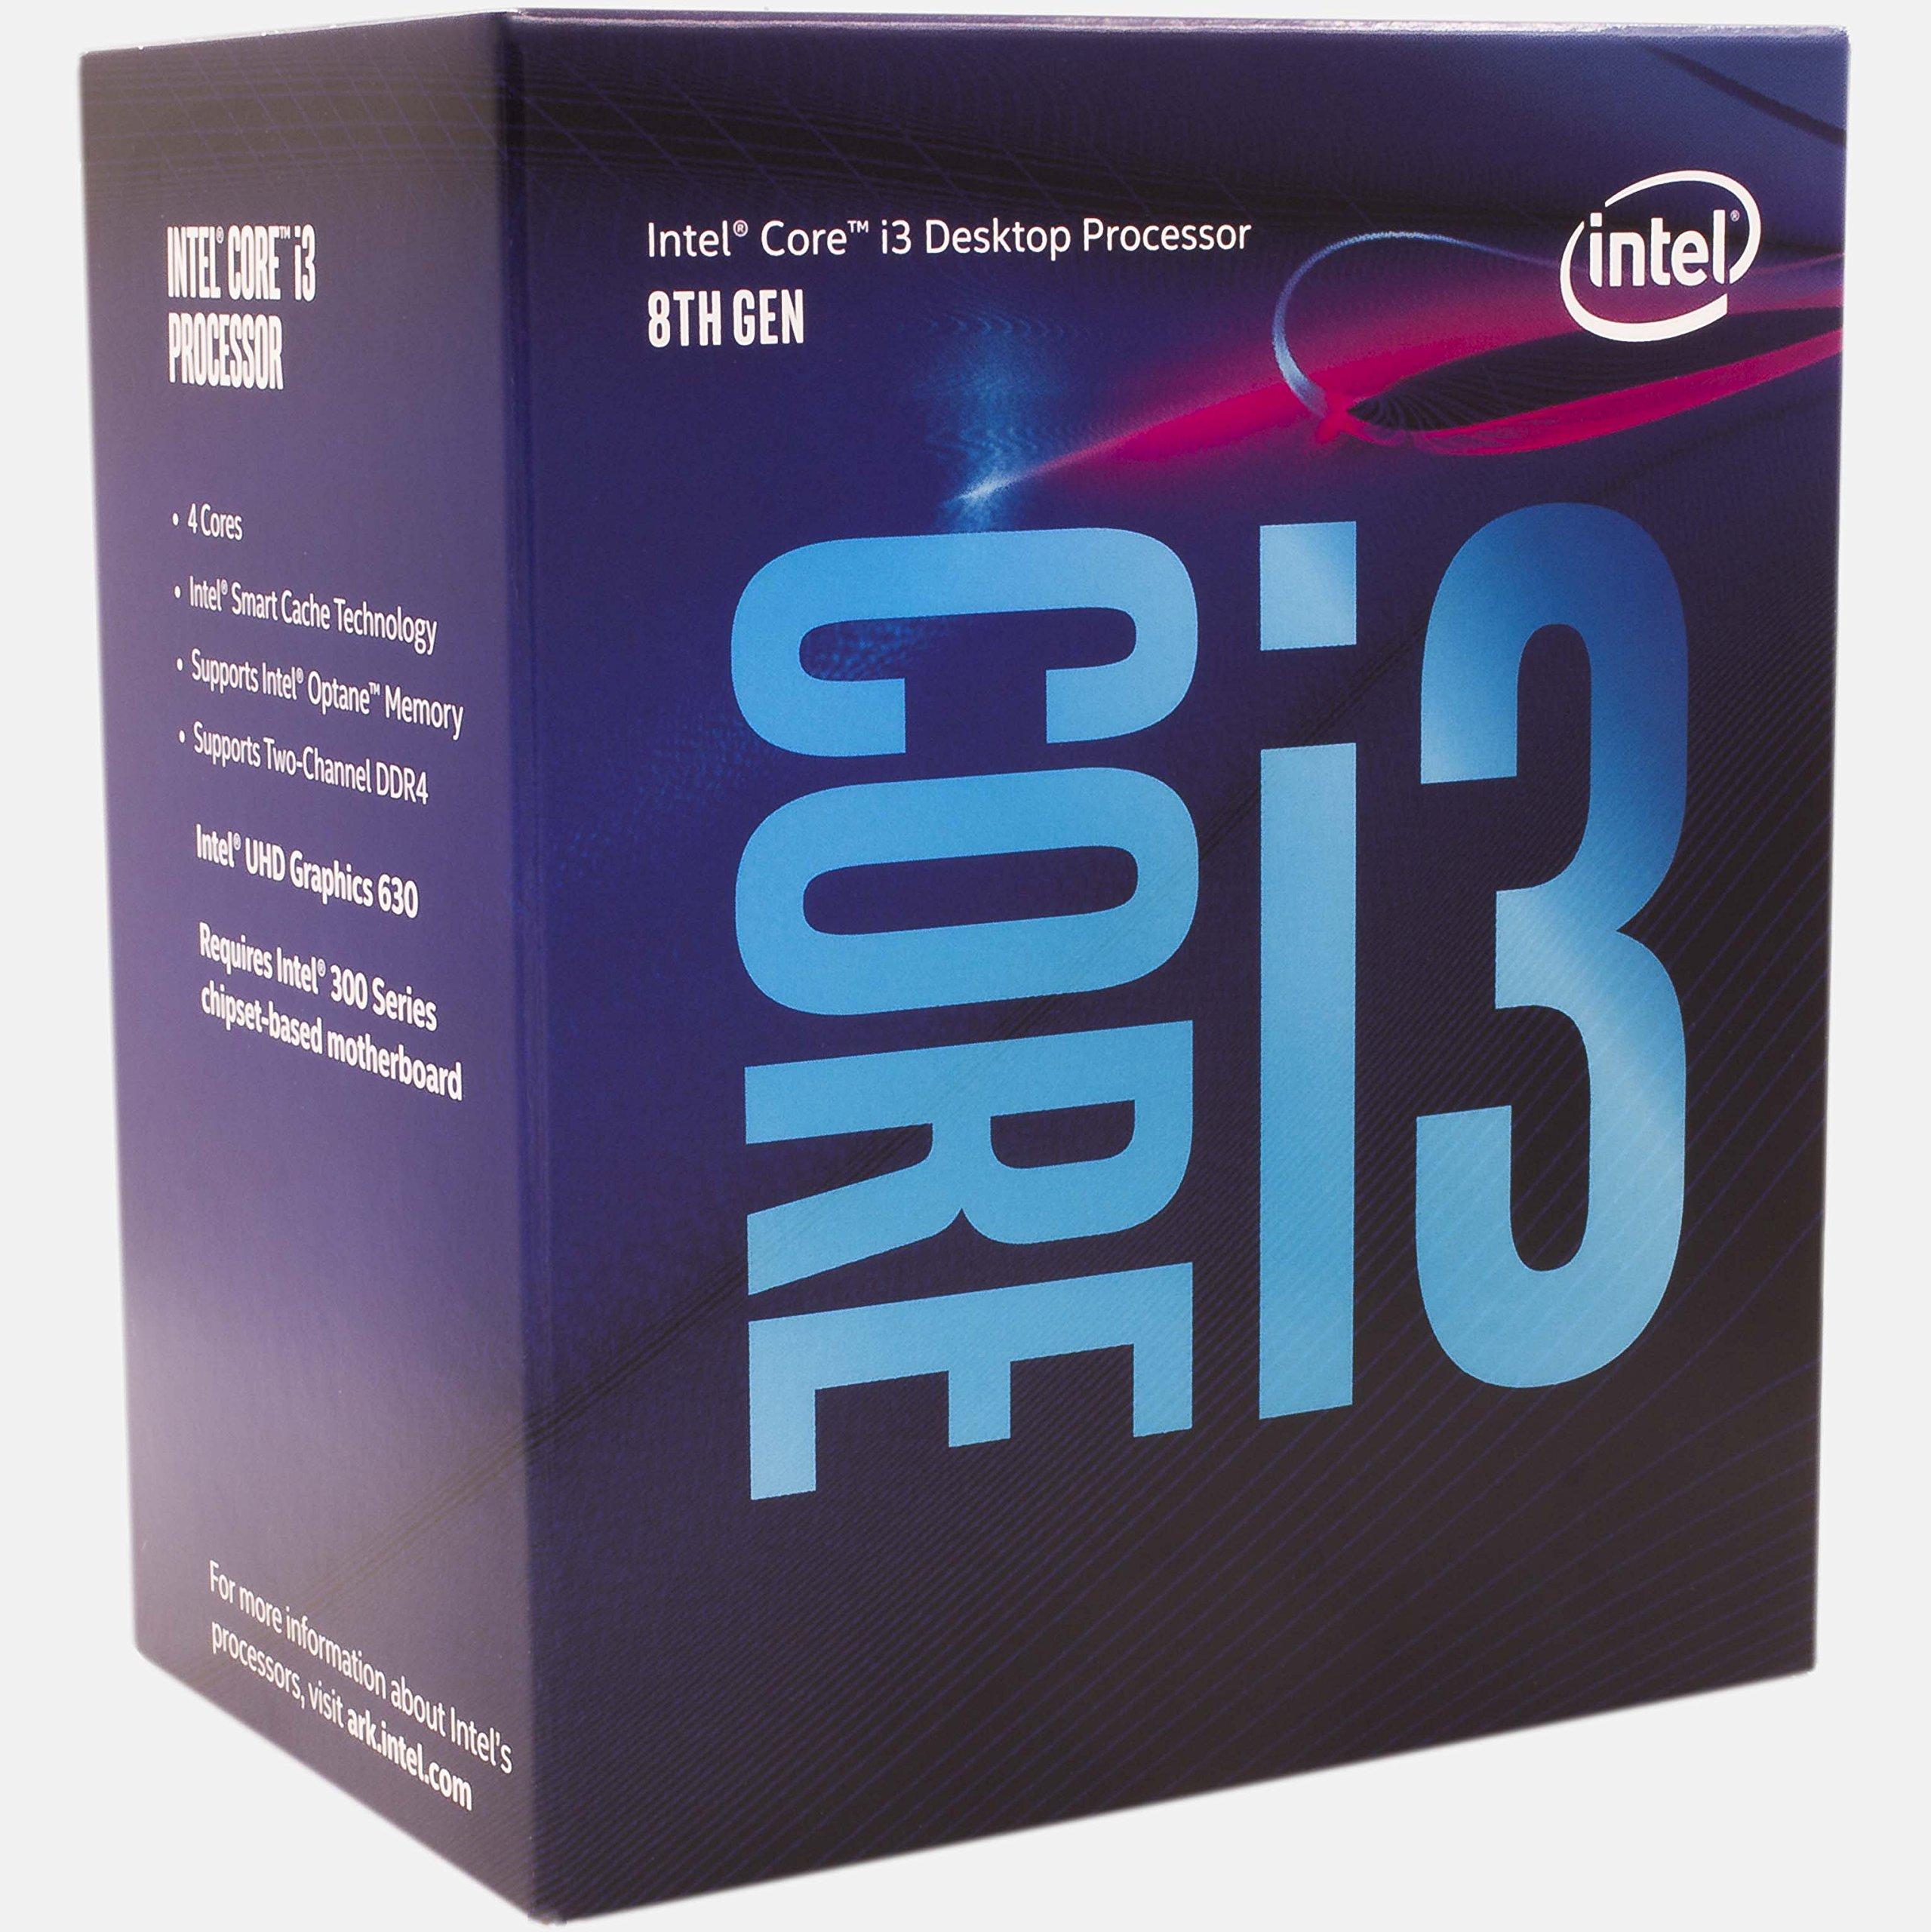 Intel Core i3-8100 3.6GHz 6MB Smart Cache Box processor - processors (3.60 GHz), 8th gen Intel® Core